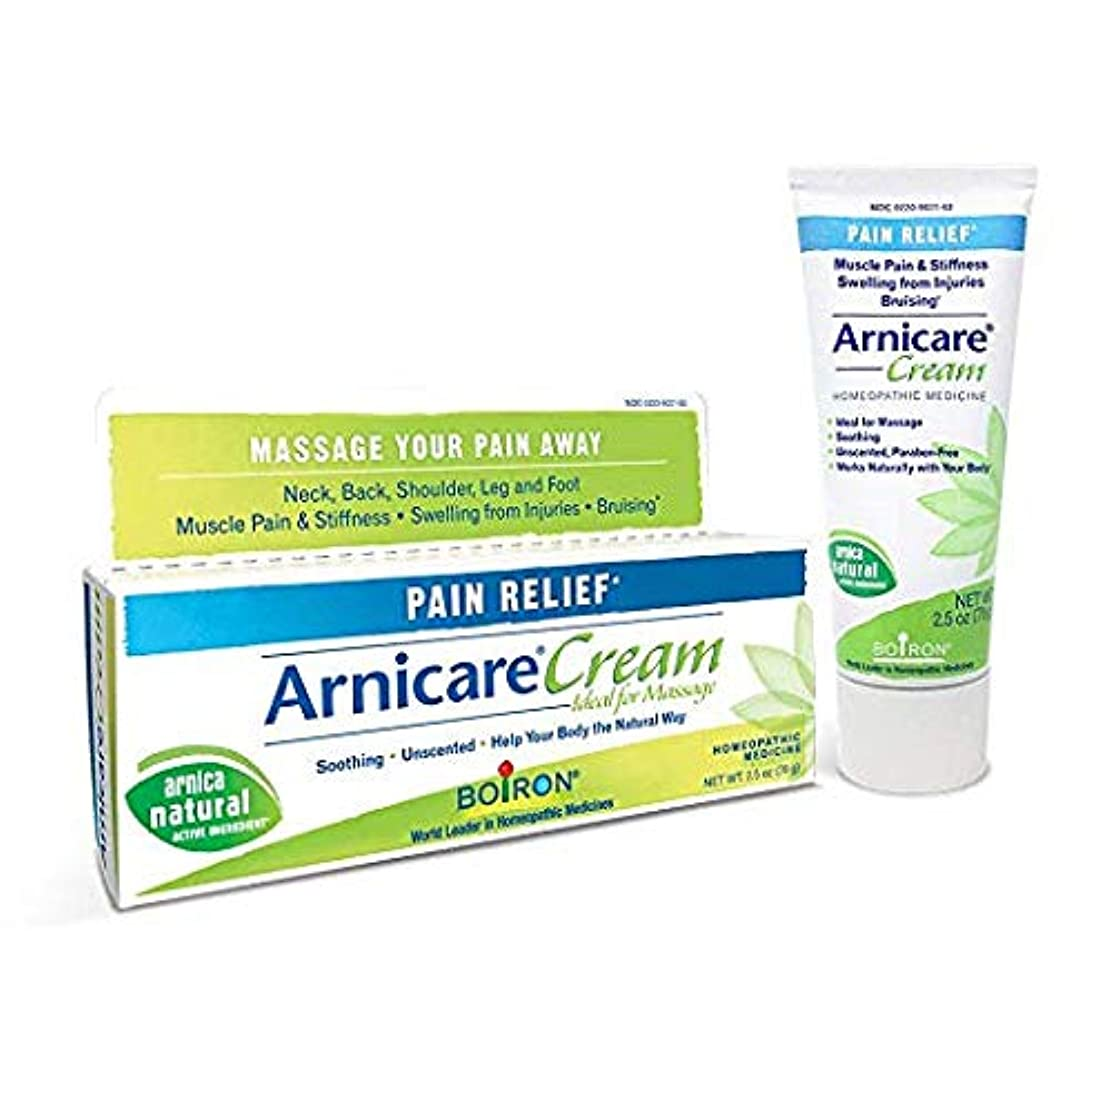 アウトドア悲鳴不利ボイロン アルニカクリーム Boiron Arnicare Cream 2.5 Ounces Topical Pain Relief Cream [並行輸入品]